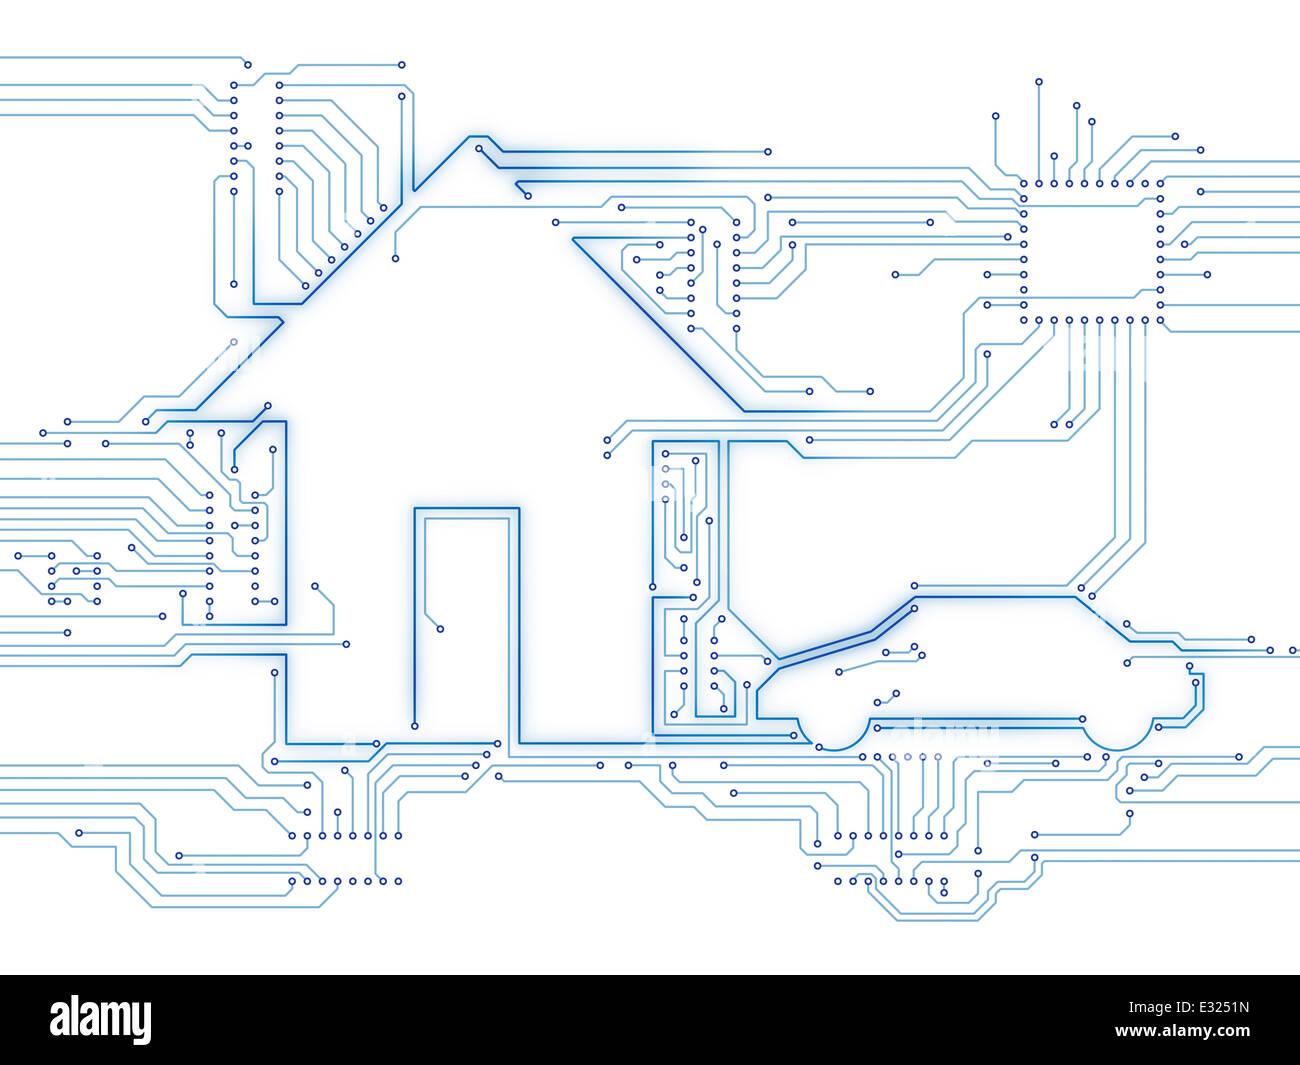 Casa conectado y el coche eléctrico en el futuro la tecnología domótica hogar Ilustración conceptual Imagen De Stock